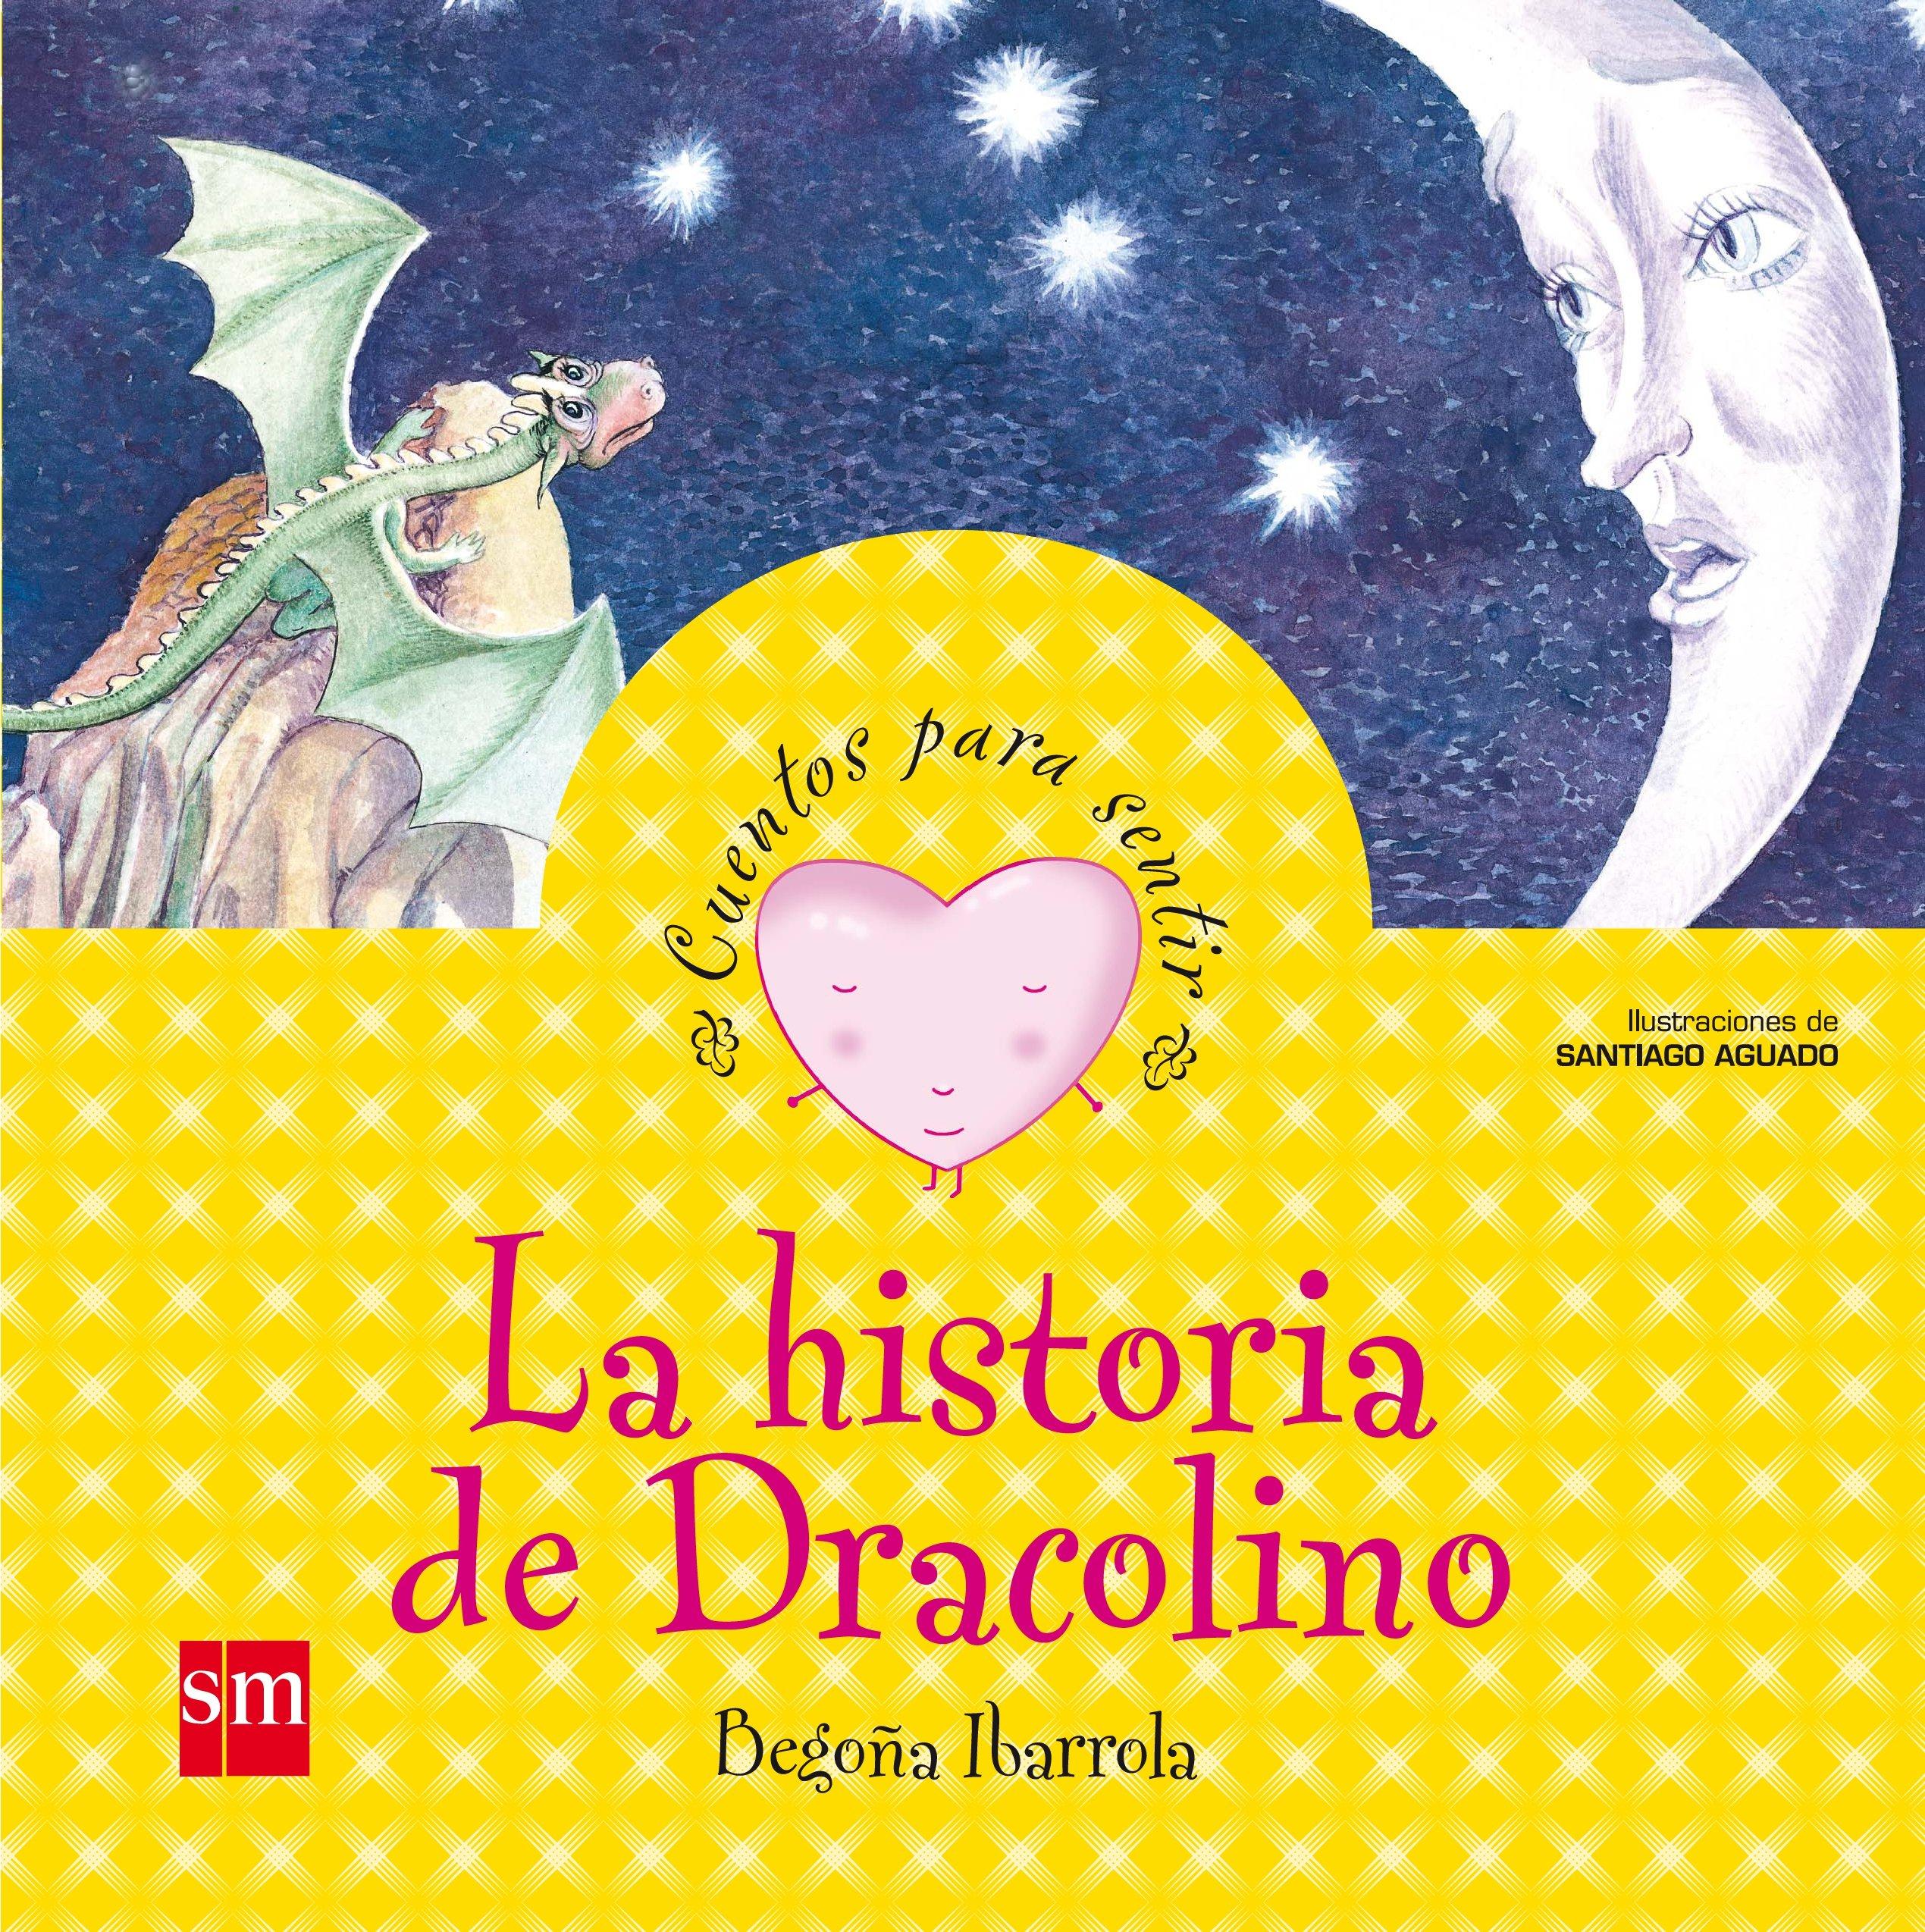 La historia de Dracolino: un cuento sobre la vergüenza Cuentos para sentir:  Amazon.es: Begoña Ibarrola, Santiago Aguado Martín: Libros